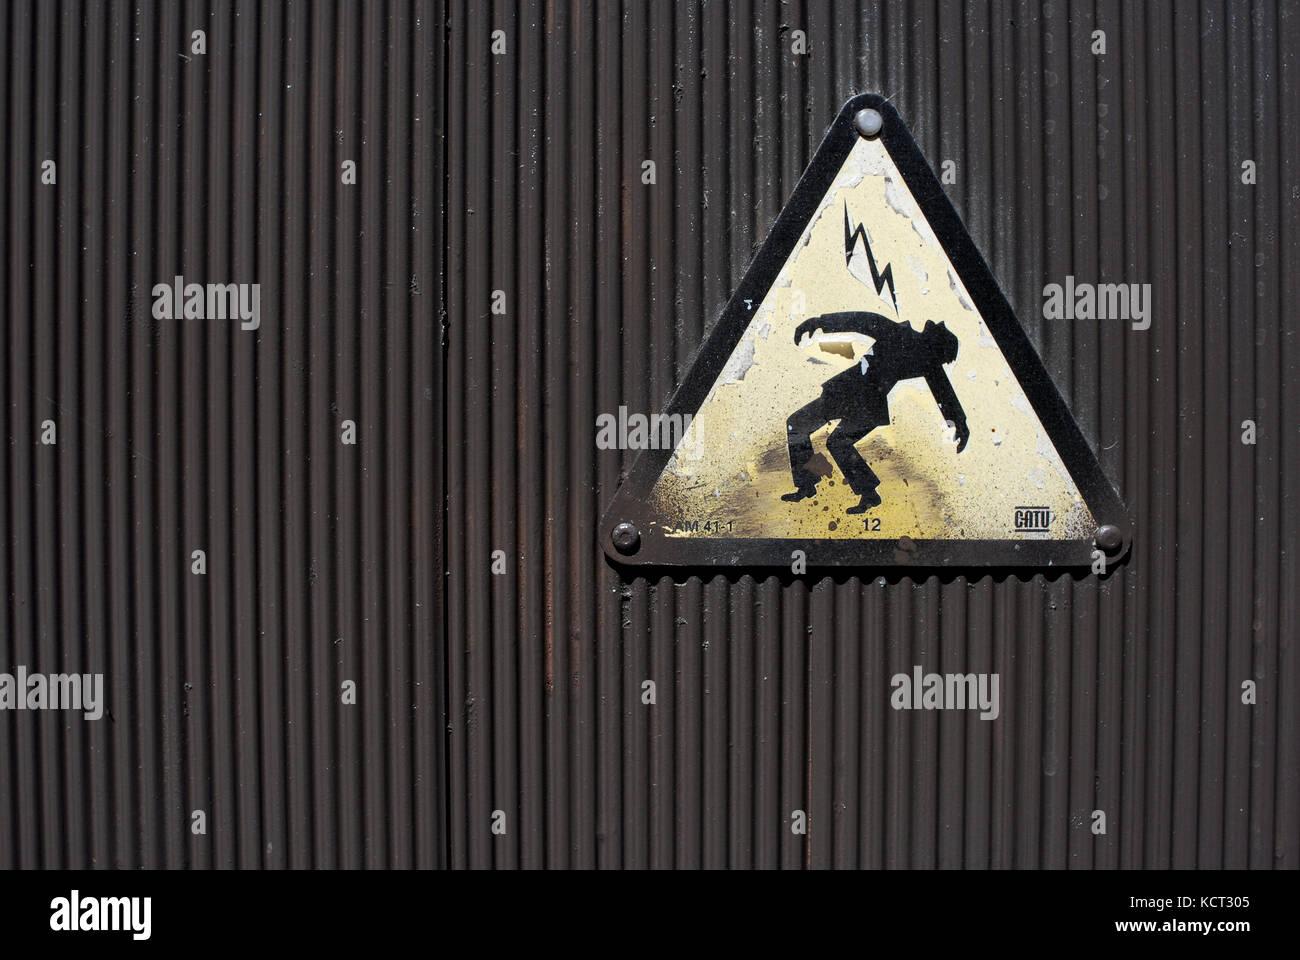 Segno di pericolo di morte per scossa elettrica. elettricità, Foto Stock